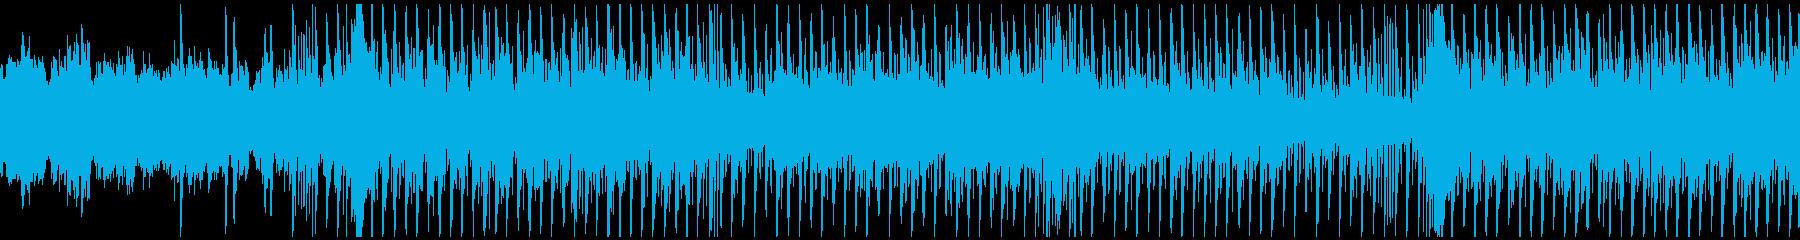 テンポの良いハウス【ループ素材系】の再生済みの波形